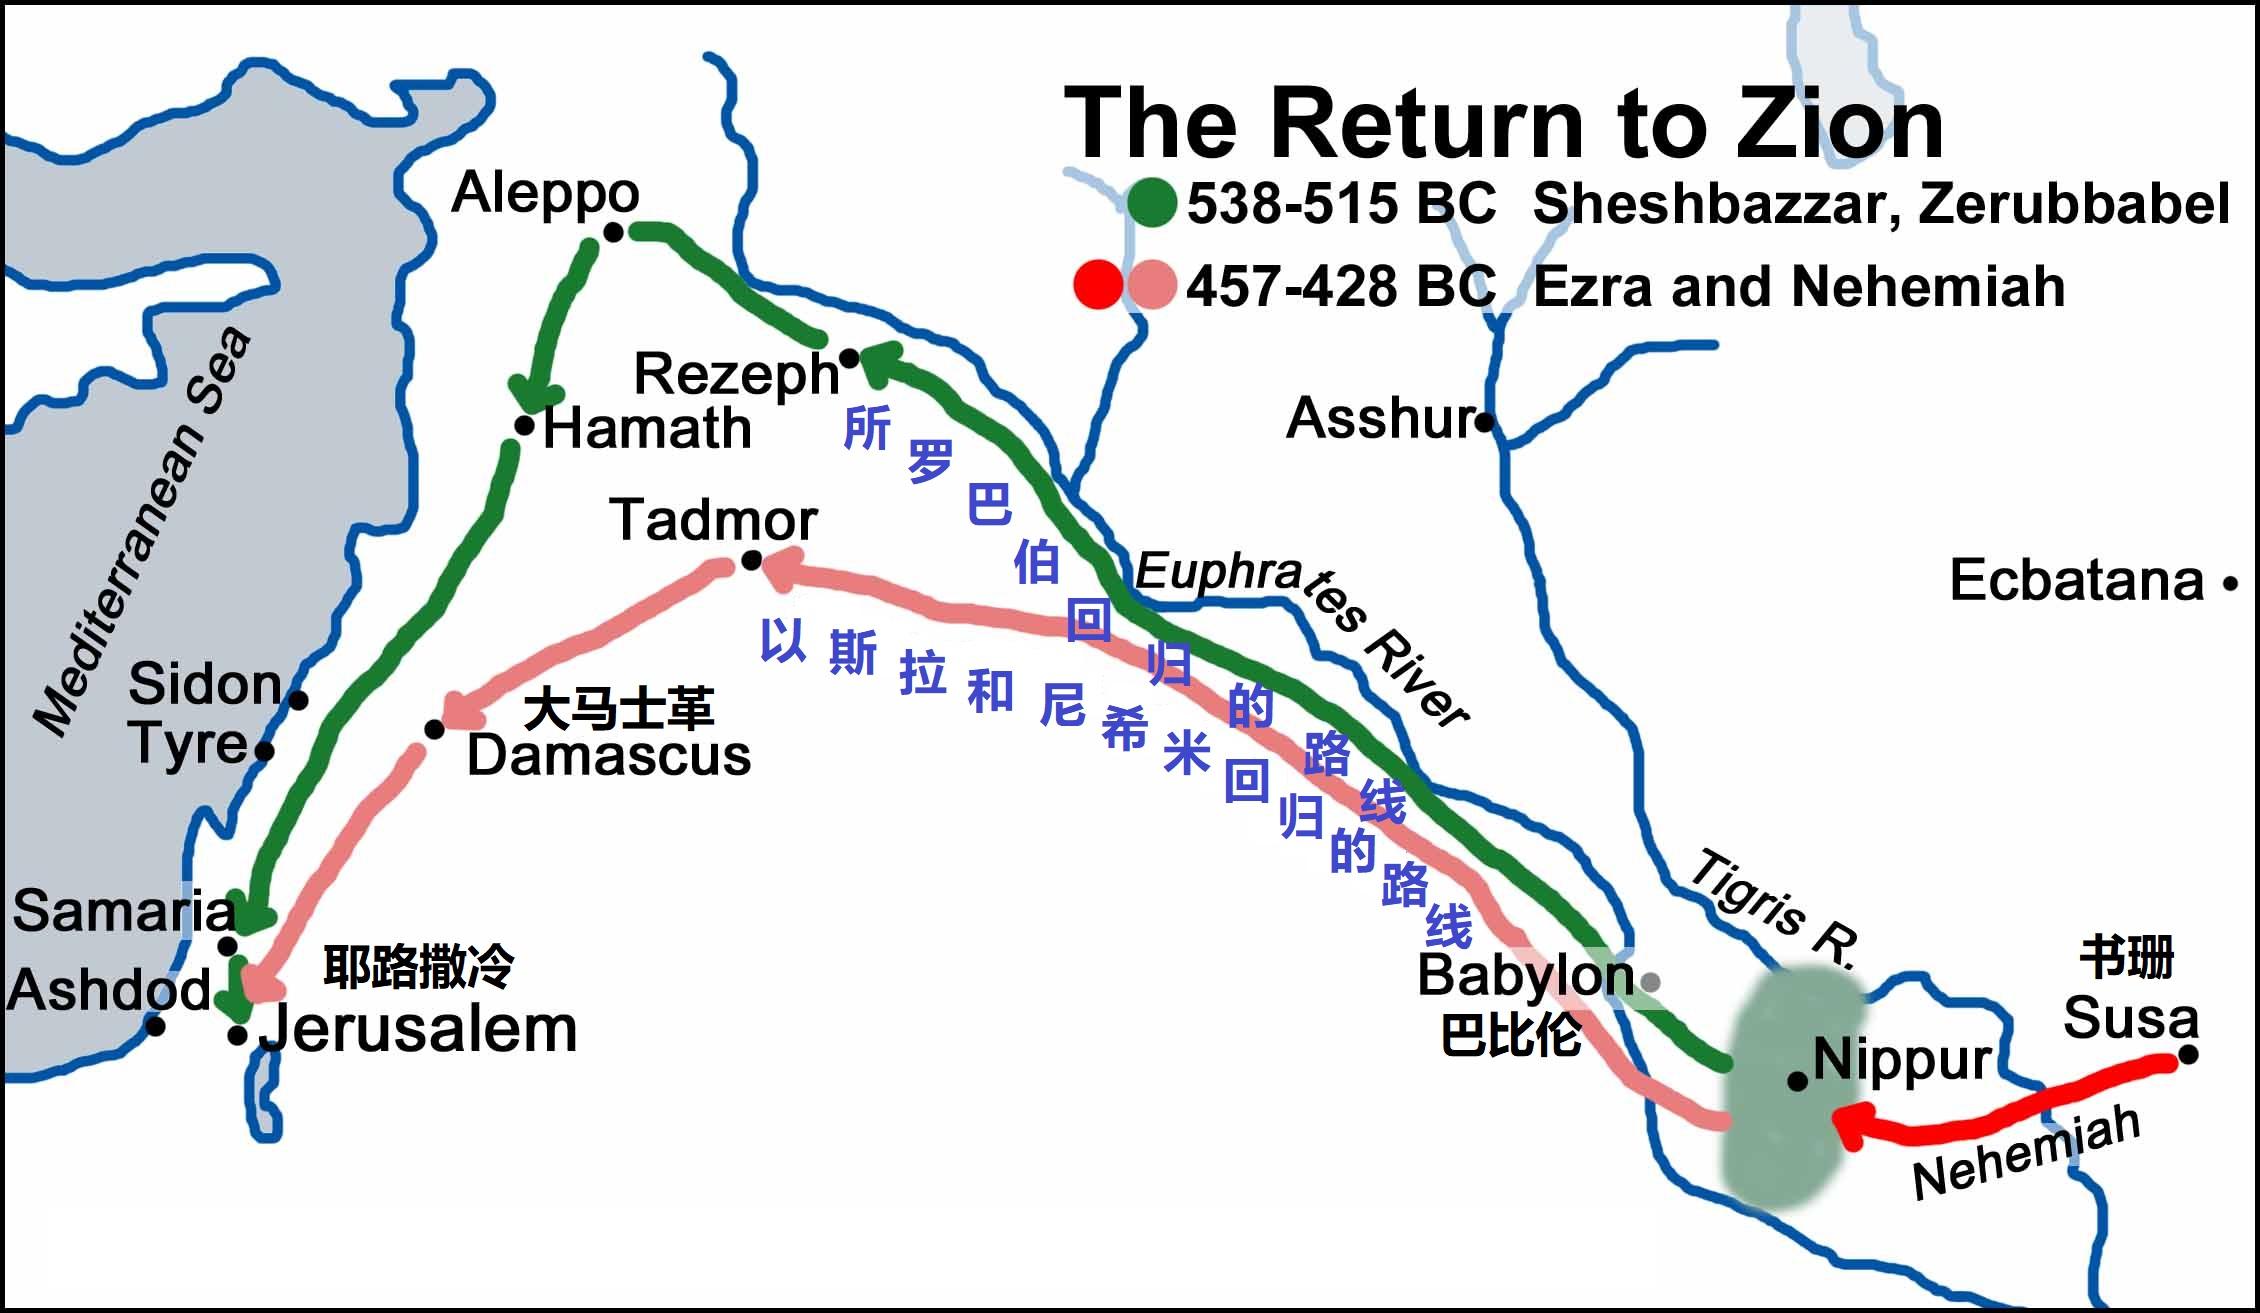 上图:所罗巴伯、以斯拉和尼希米回归耶路撒冷的路线。